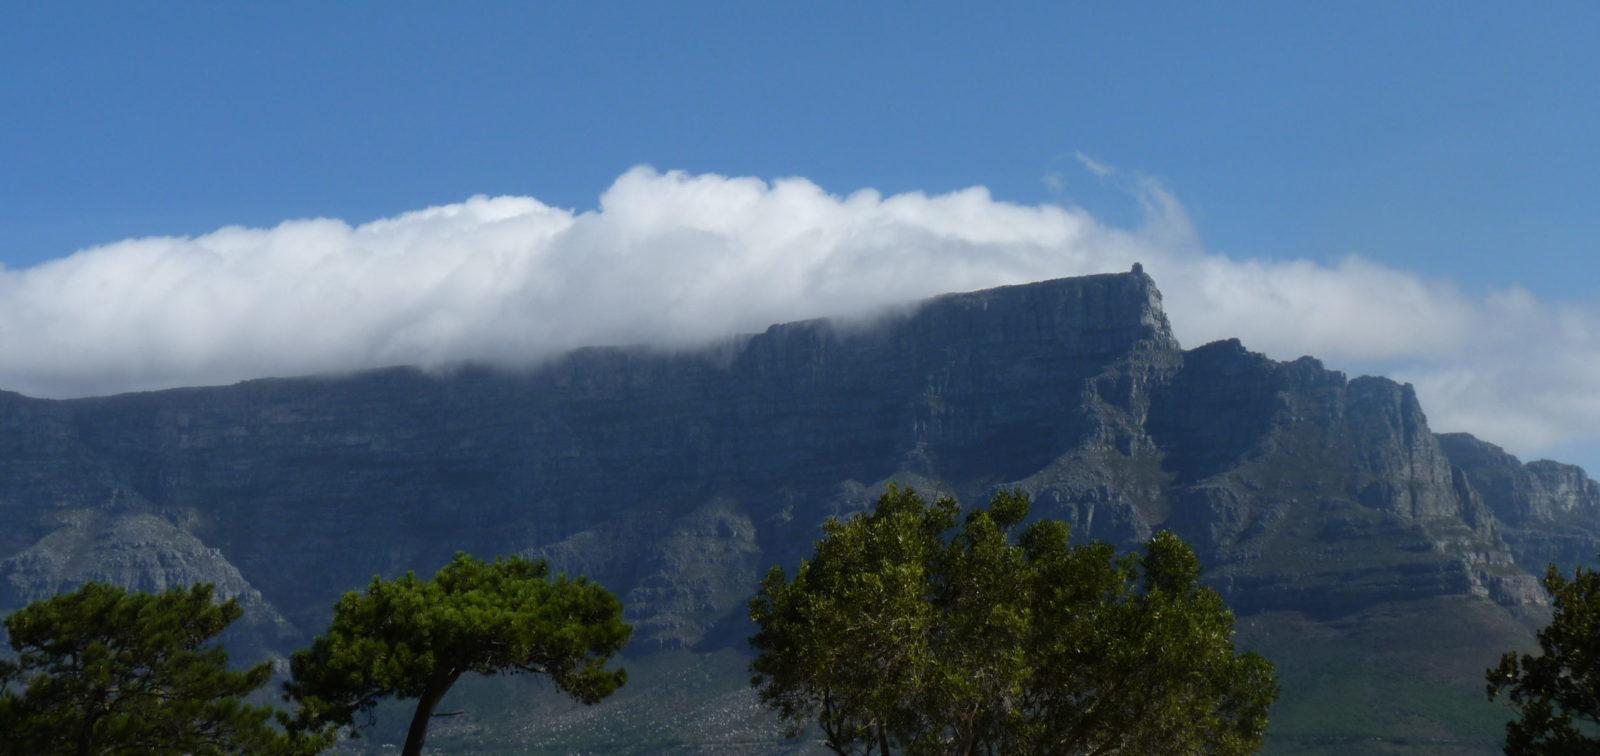 Sanibonani! – Begegnung mit Südafrika